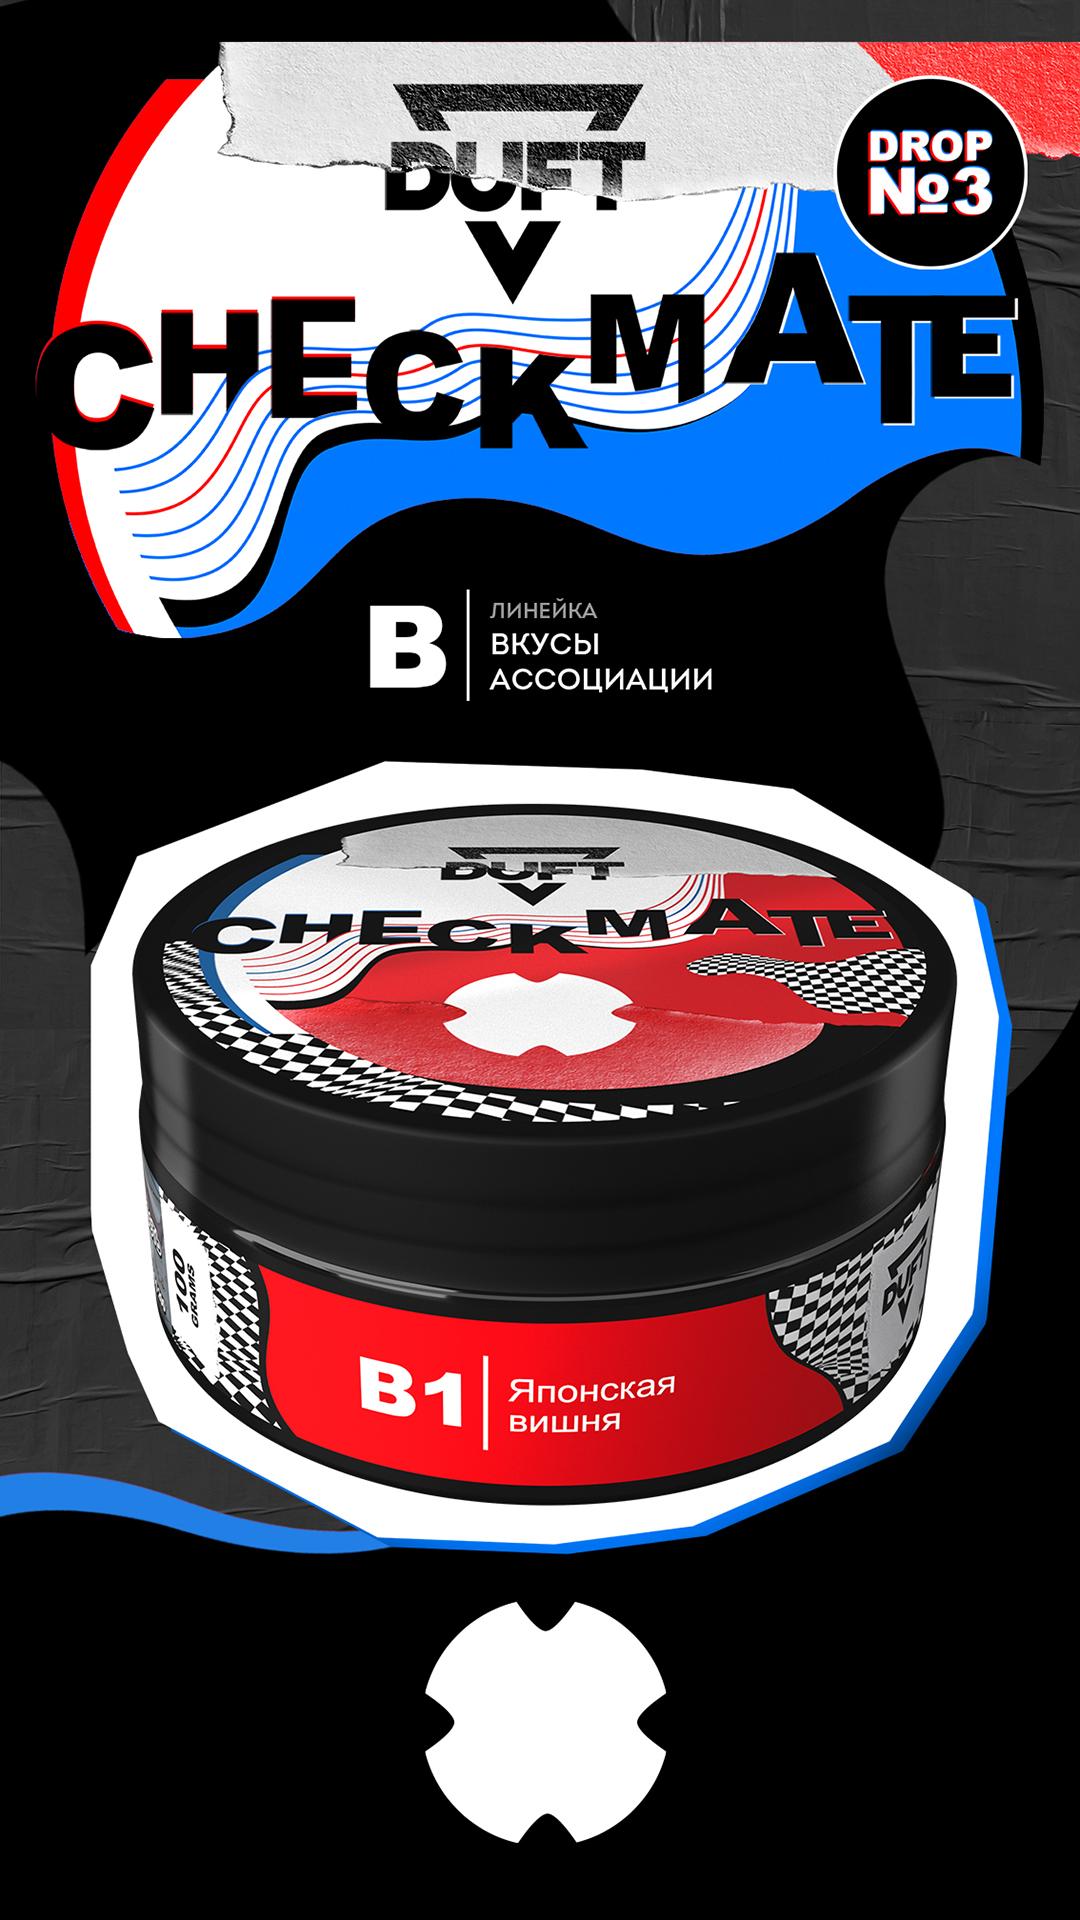 B1_3_дроп